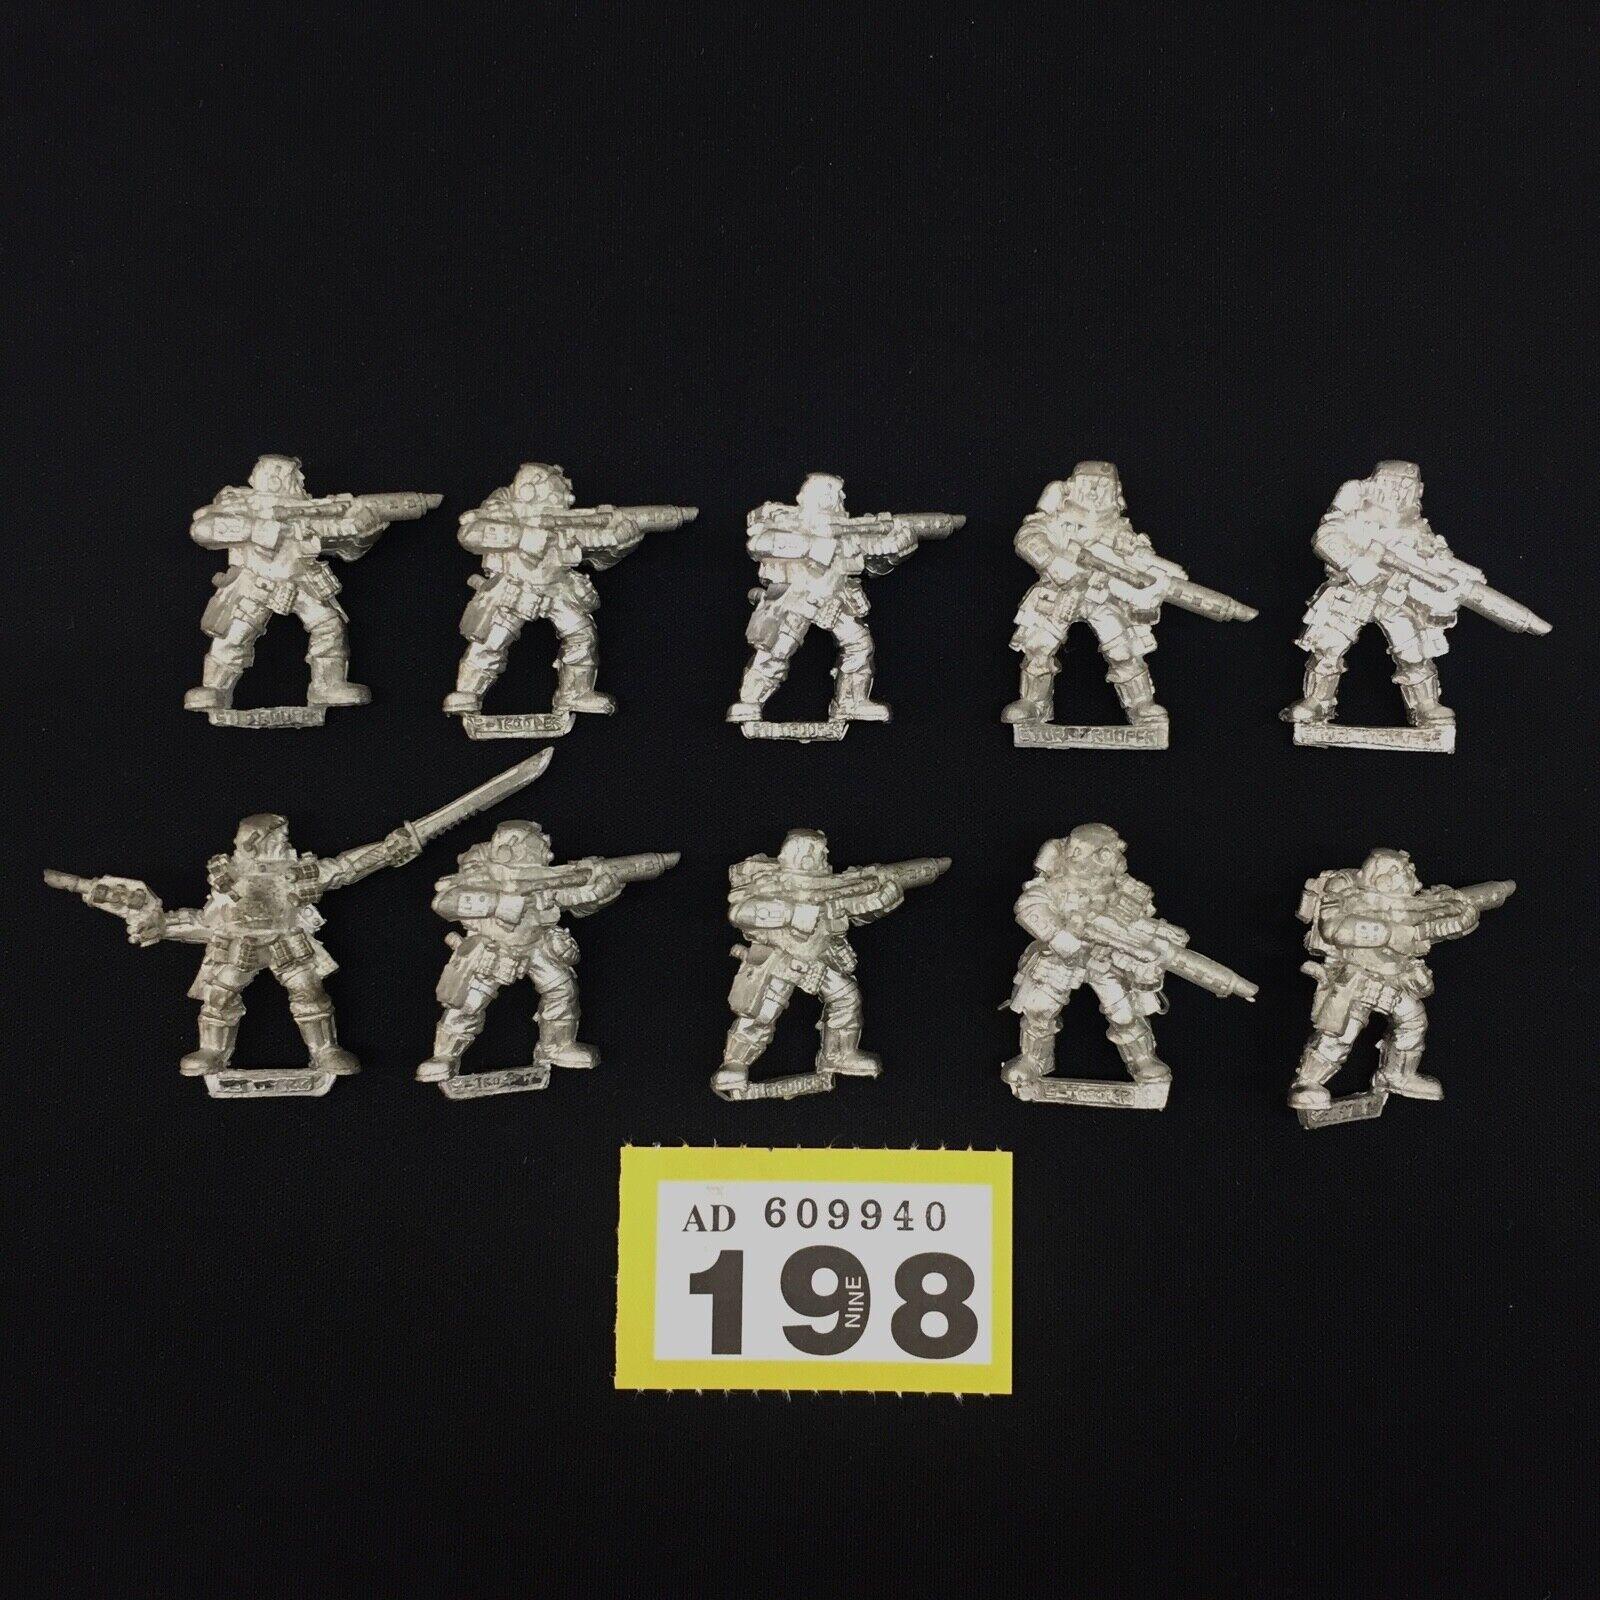 Warhammer 40,000 garde impériale  Inquisition StormTroopers metal Épuisé x 10  forme unique